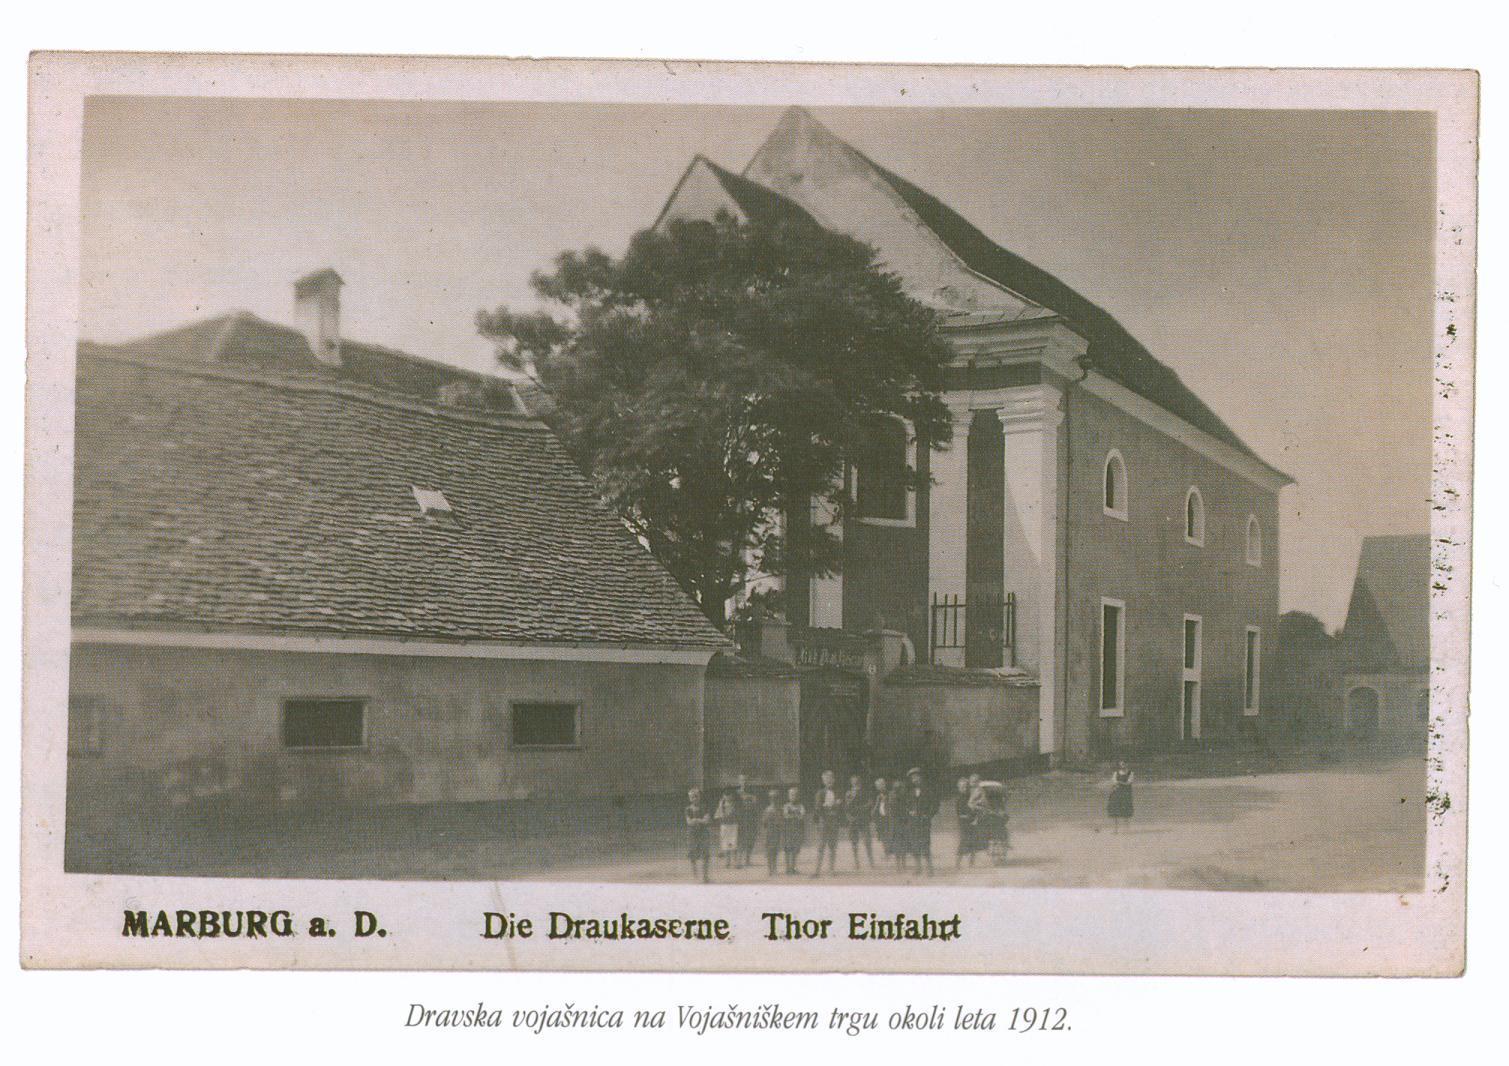 Vojašniški trg okoli leta 1912